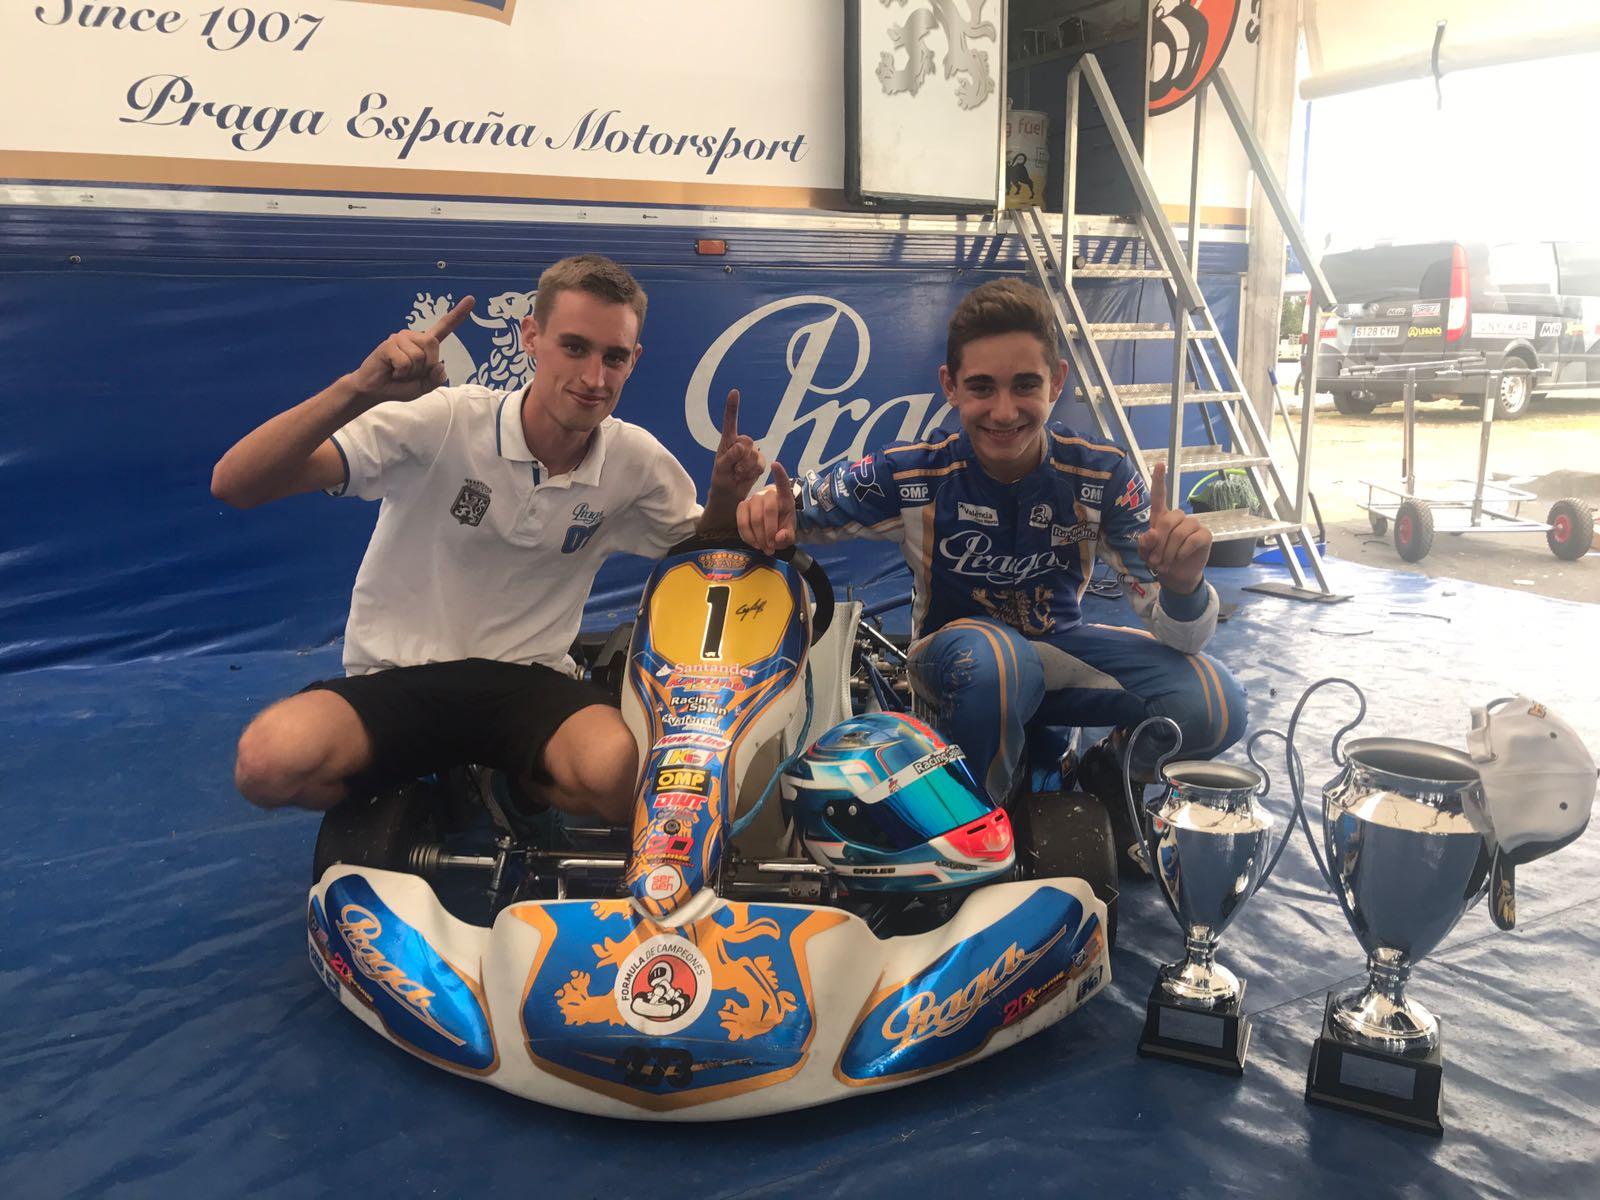 El piloto becado por la Diputación Carles Martínez se proclama campeón de España.